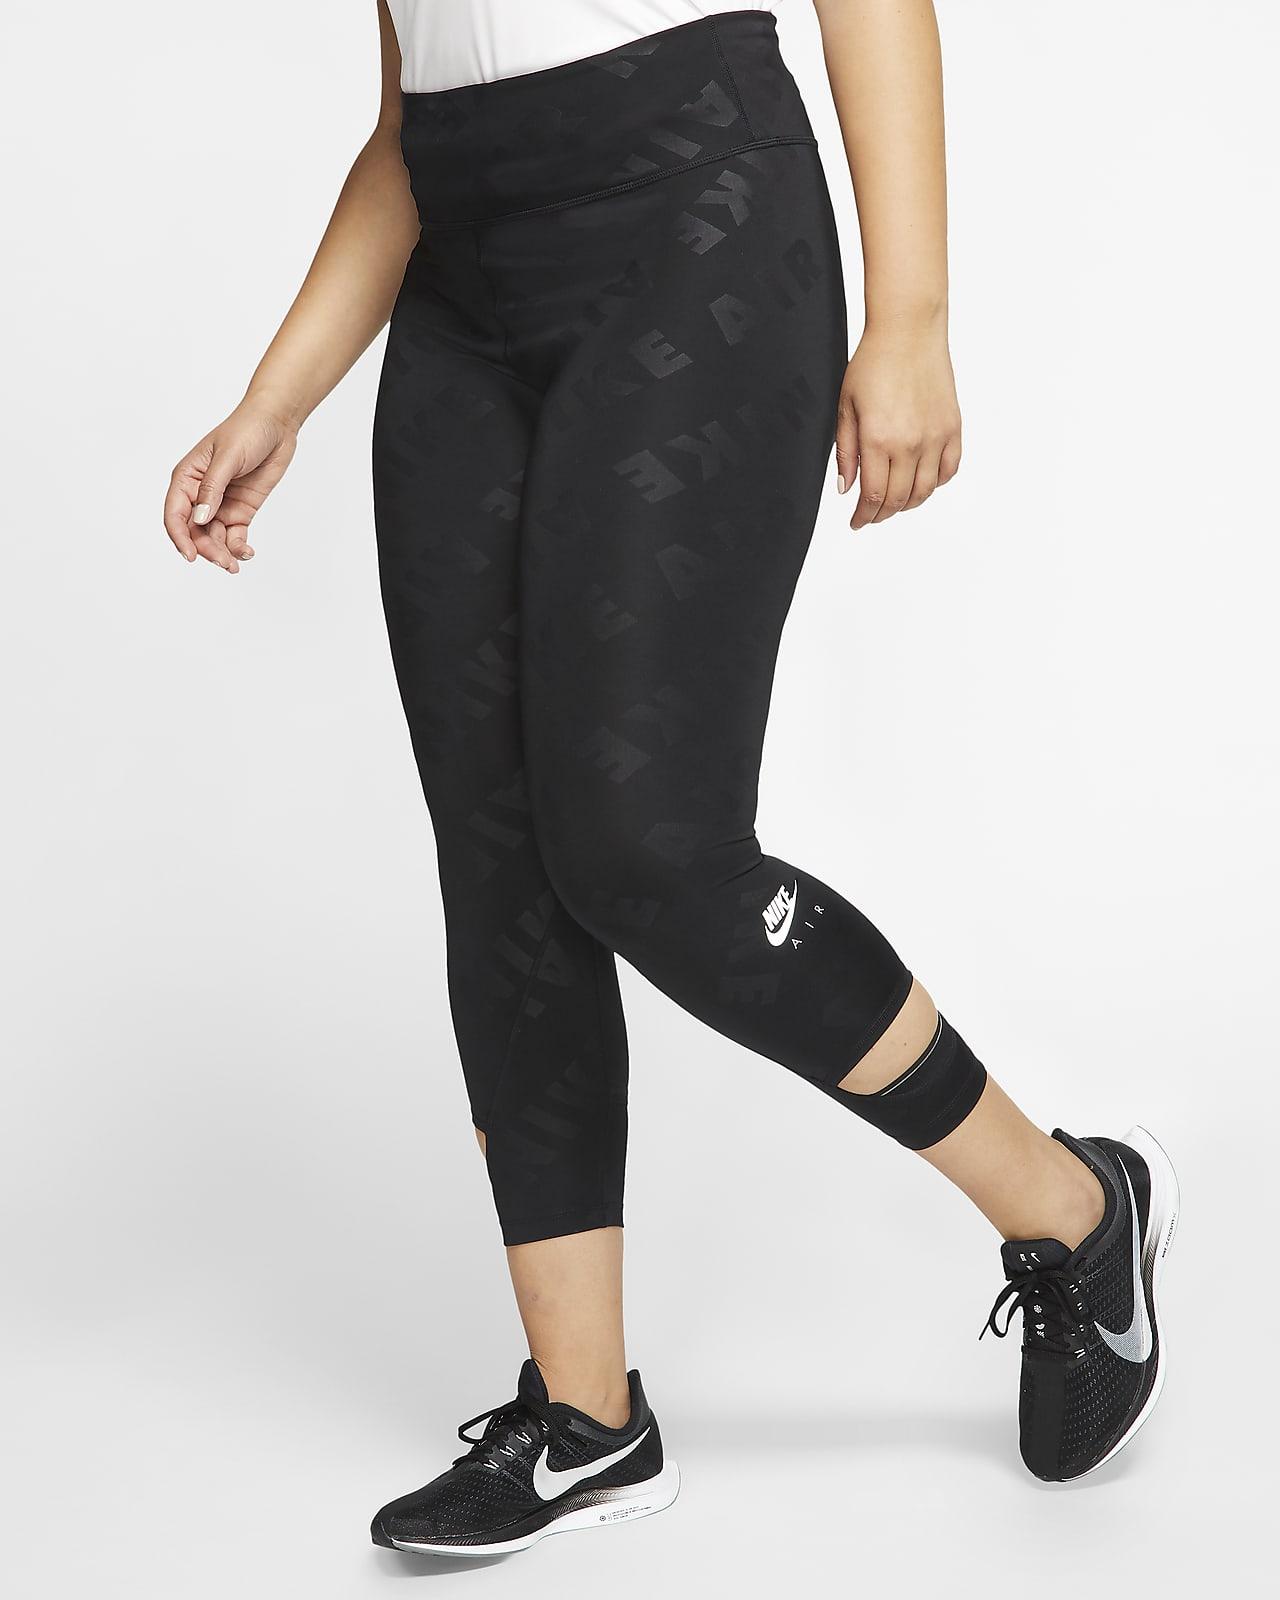 solo estrategia Horror  Nike Air Mallas de running de 7/8 (Talla grande) - Mujer. Nike ES